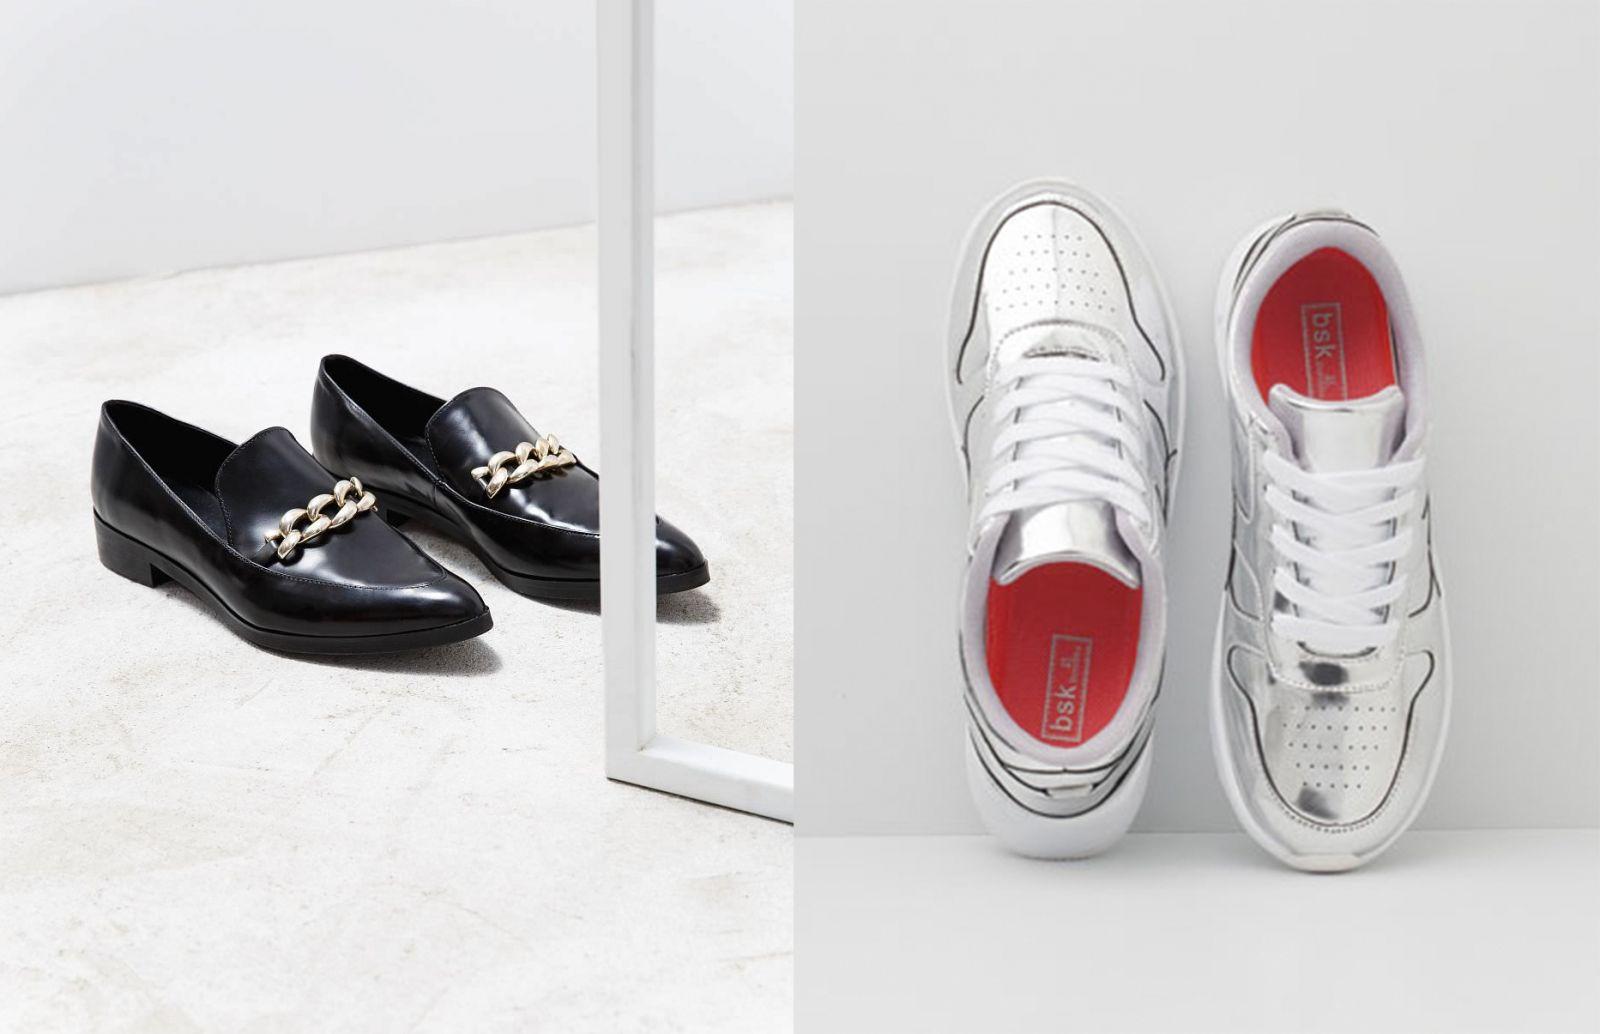 25 пар осенней обуви в магазинах Киева - фото №1